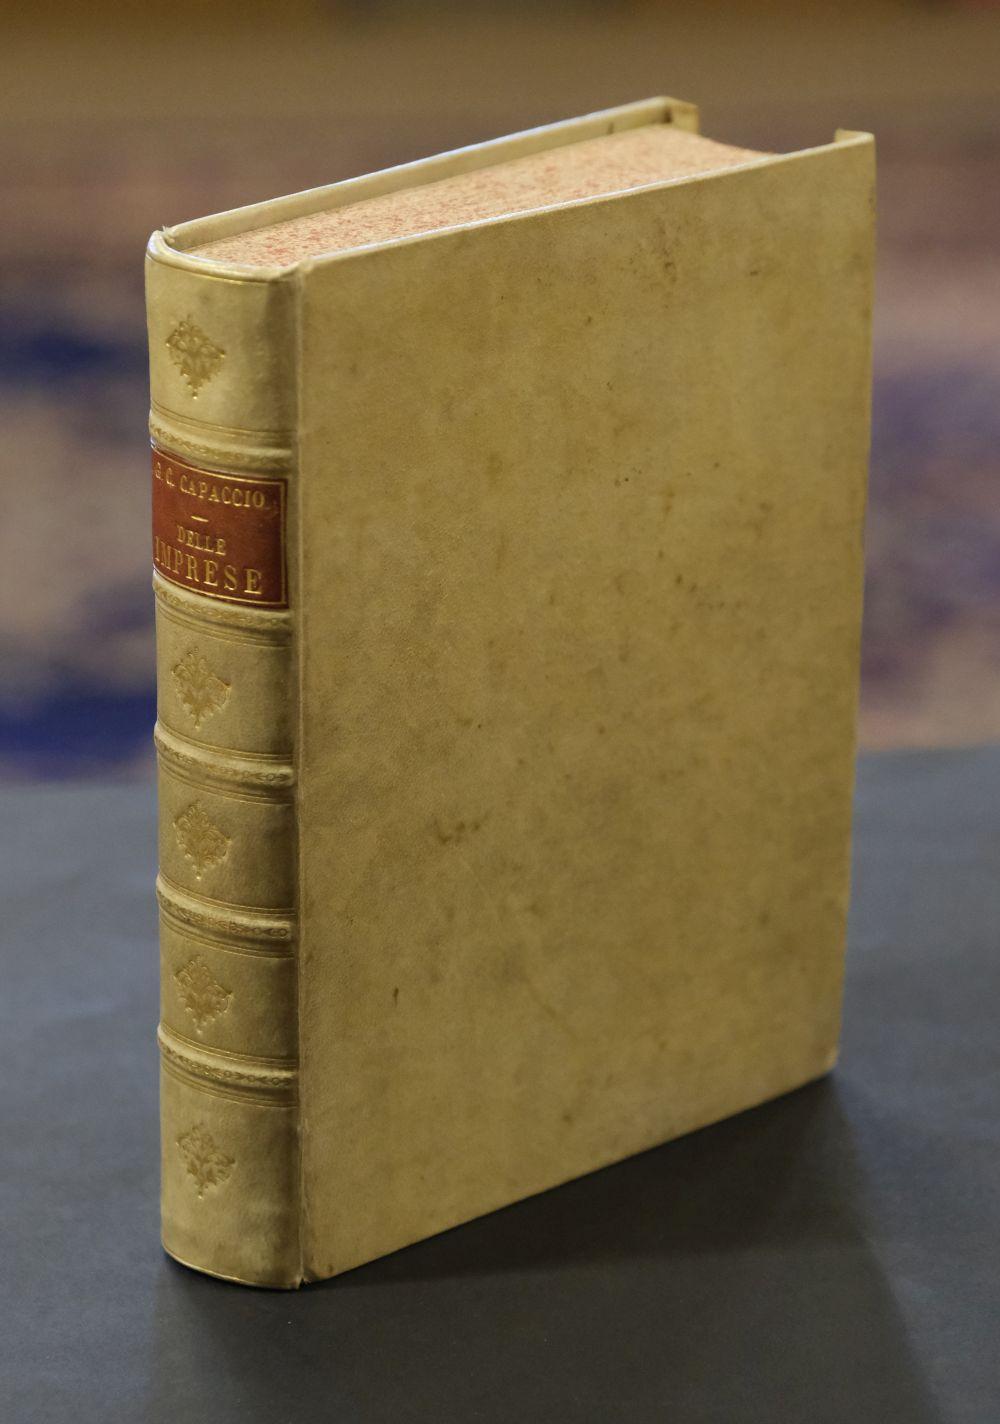 Capaccio (Giulio Cesare). Delle Imprese trattato di Giulio Cesare Capaccio.